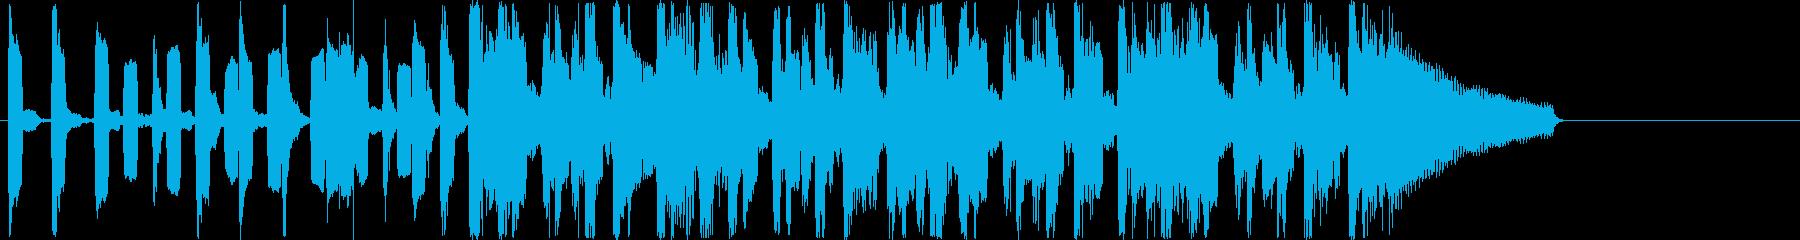 リコーダーを用いた15秒ジングルの再生済みの波形